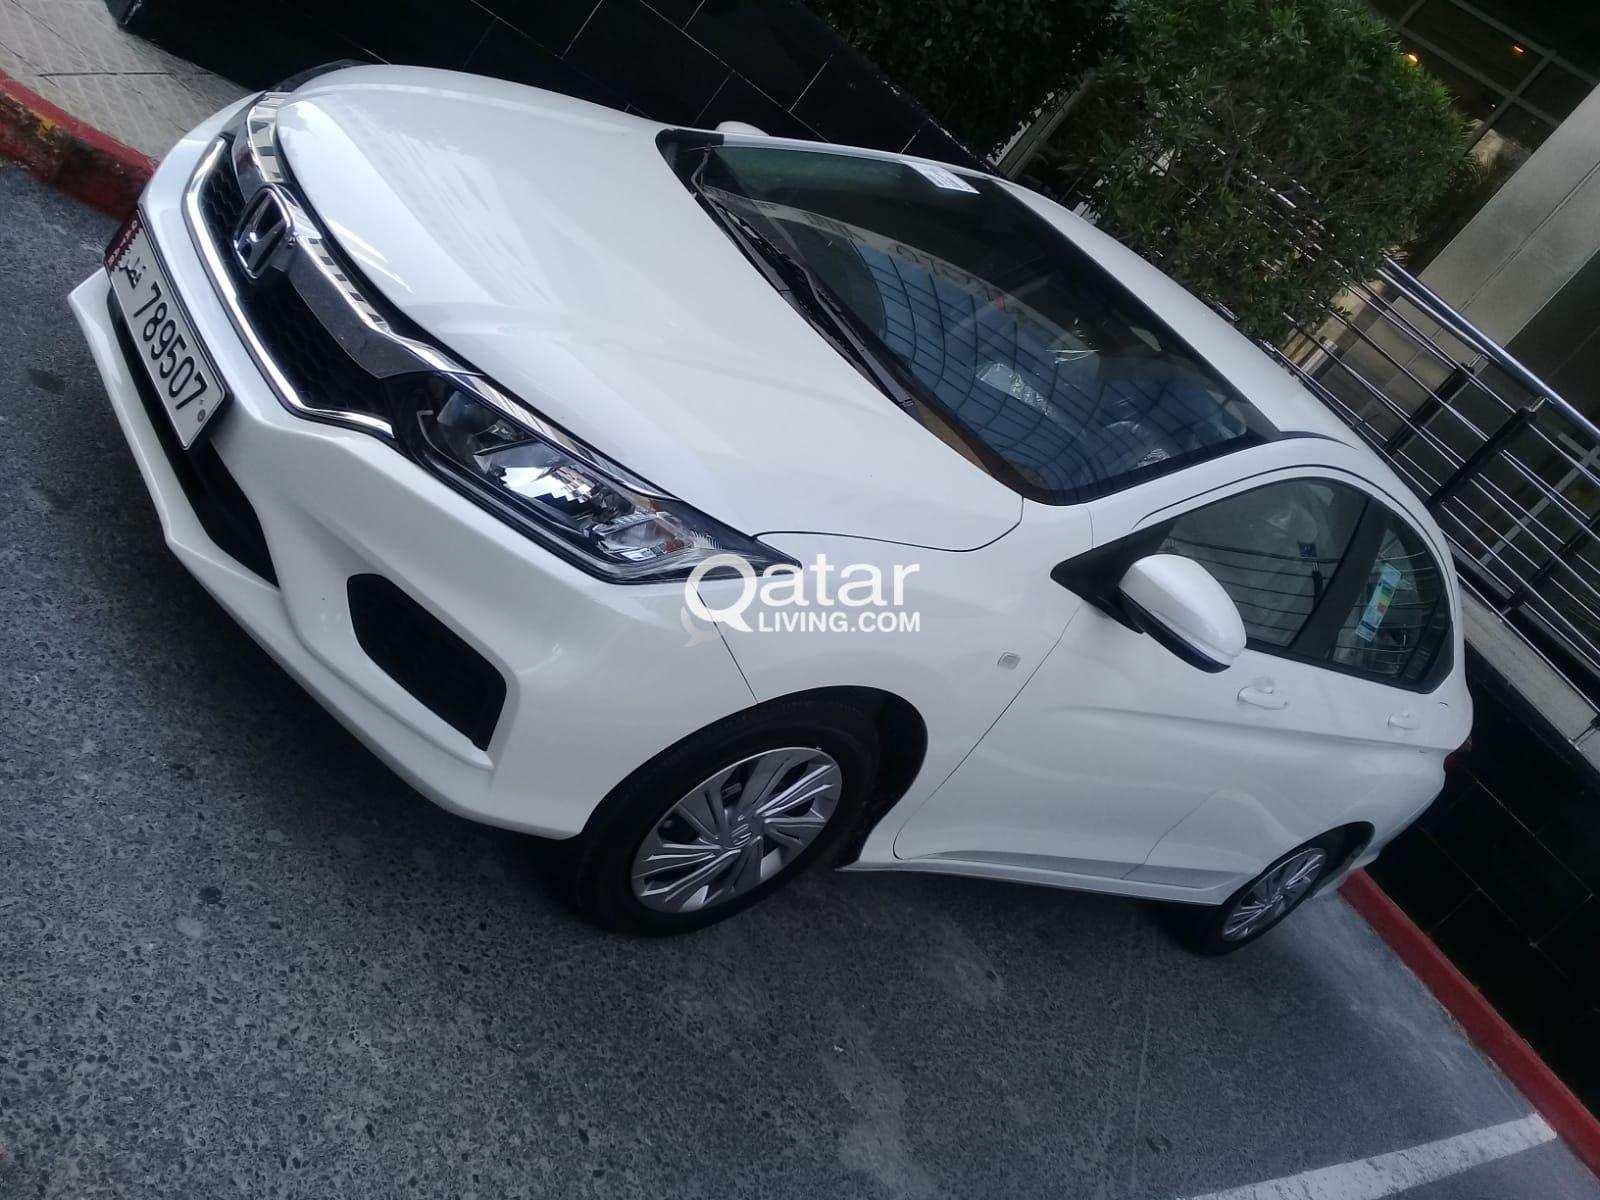 30 New Honda City 2019 Qatar Price Redesign and Concept with Honda City 2019 Qatar Price